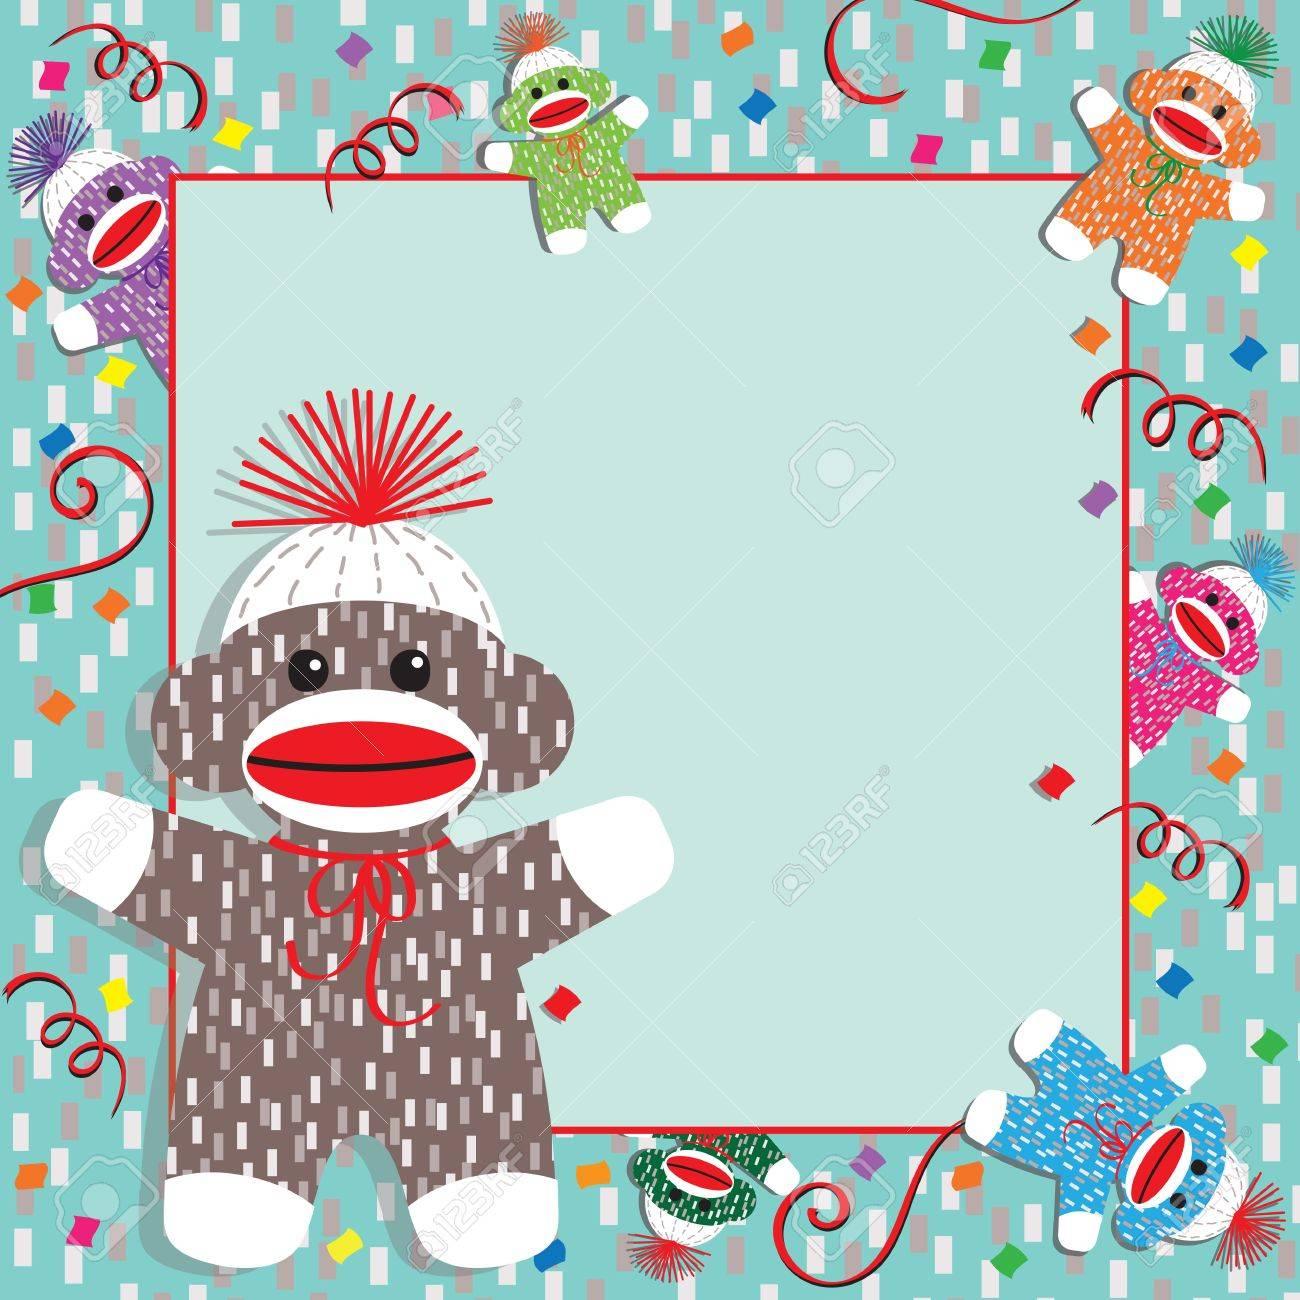 adorable baby socks monkeys gather around this festive baby shower or birthday party invitation plenty